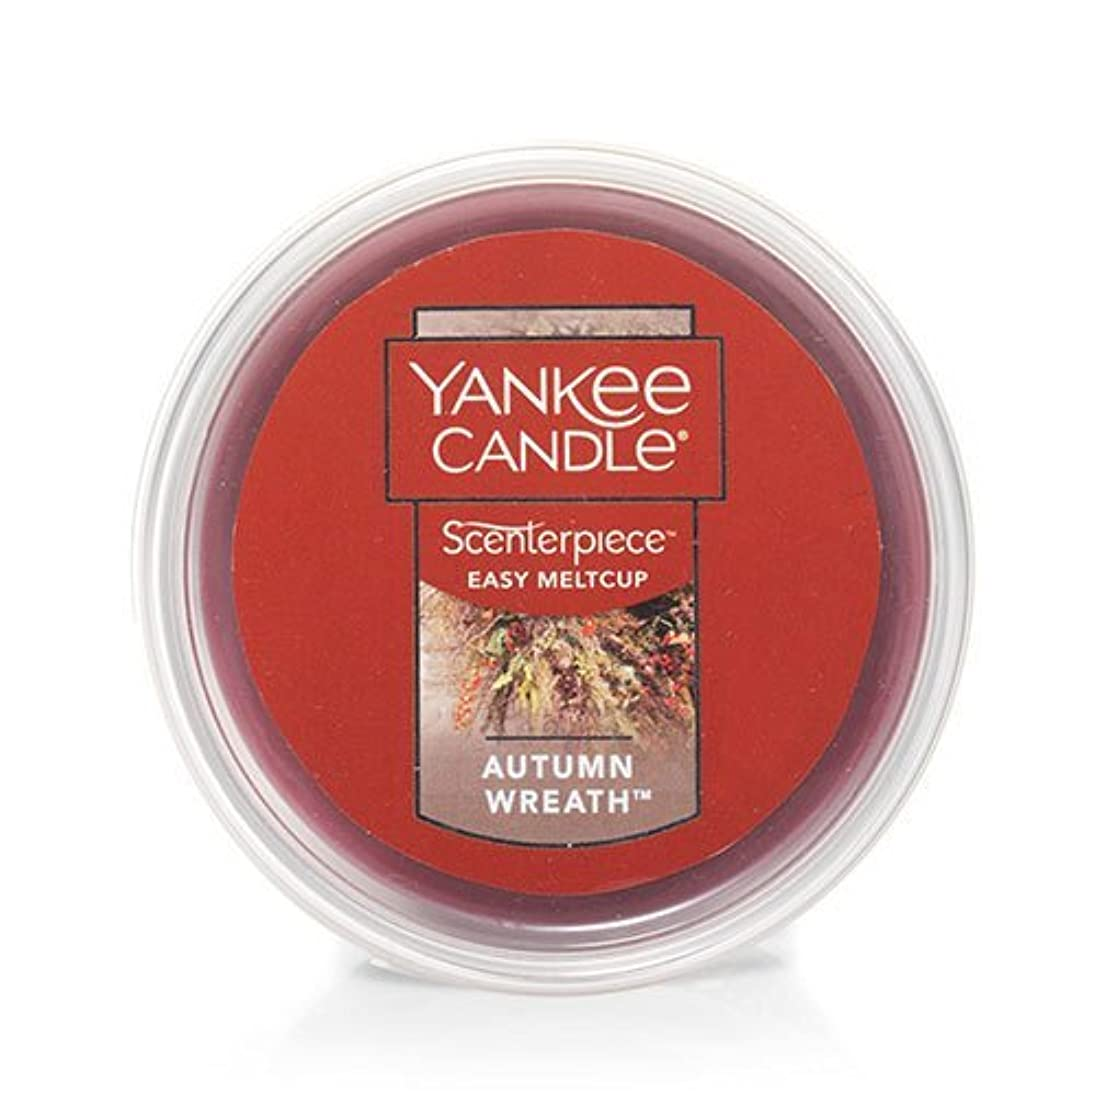 挽く水素例Yankee Candle Autumn Wreath Scenterpiece Easy MeltCup , Food & Spice香り2.2 Oz